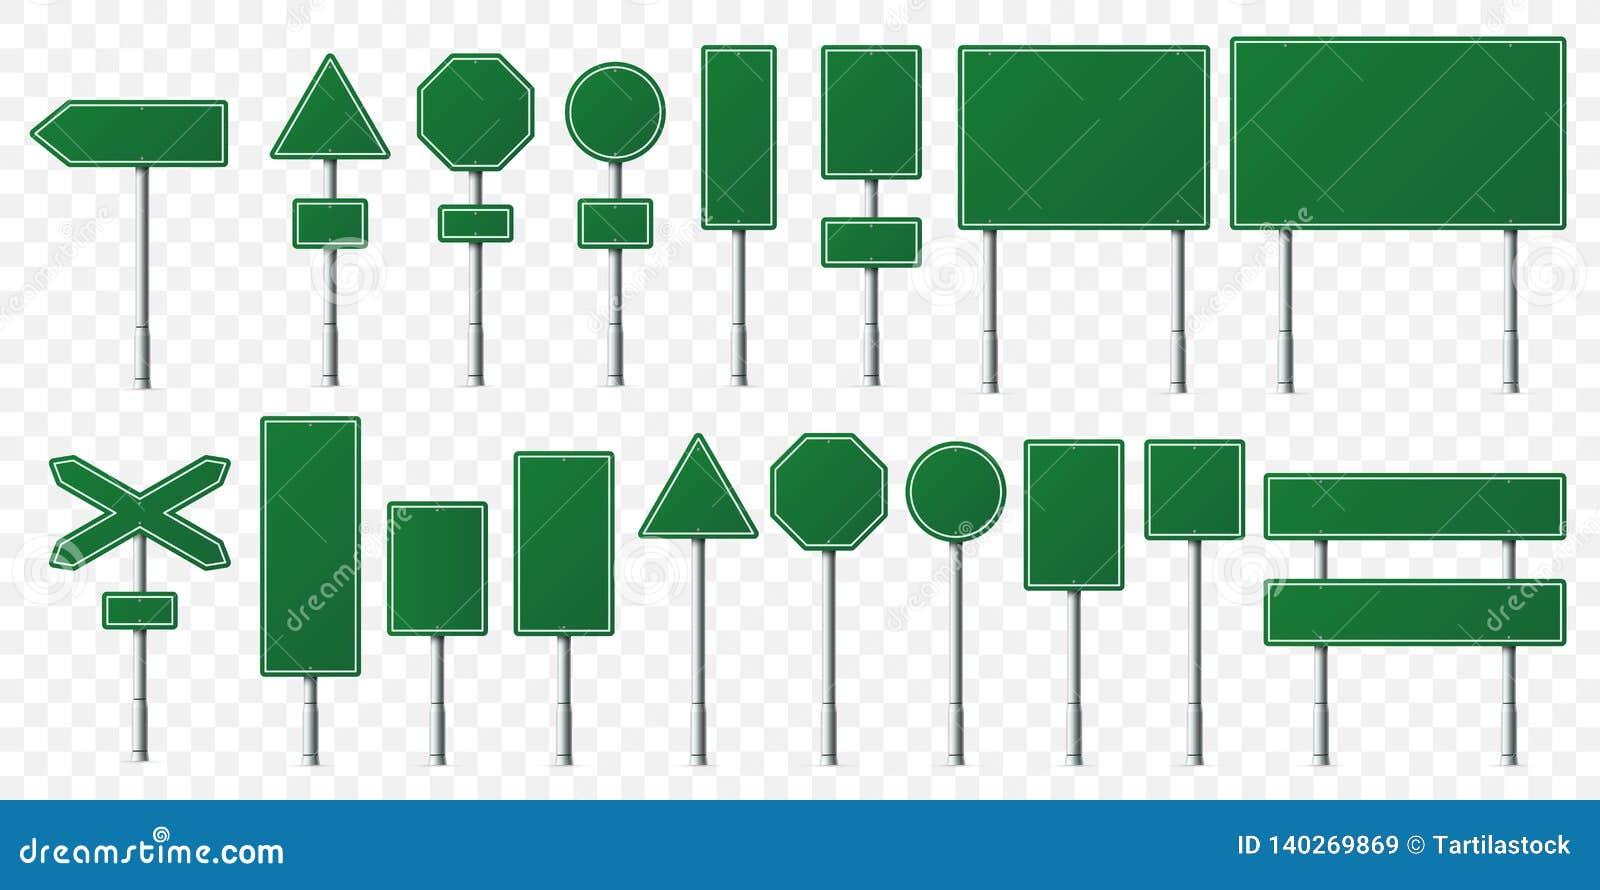 Tablero verde de la señal de tráfico Tableros de las señales de dirección en soporte del metal, el poste vacío del indicador y la